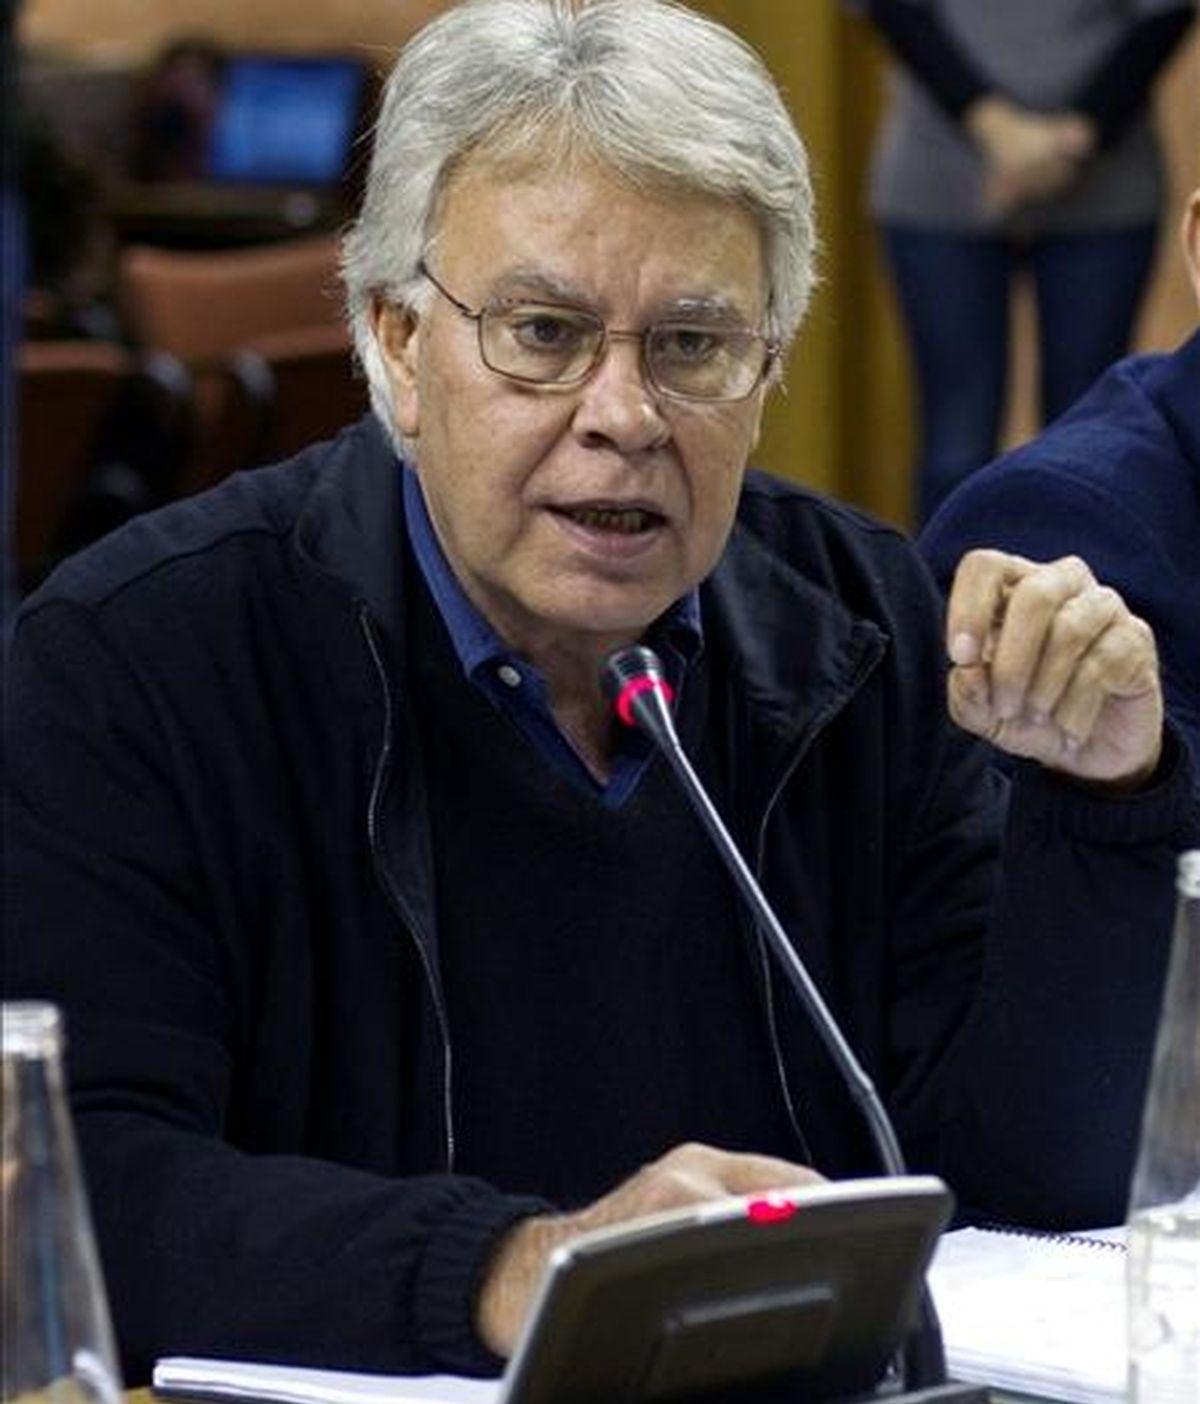 En la imagen, el ex presidente del gobierno, Felipe González. EFE/Archivo